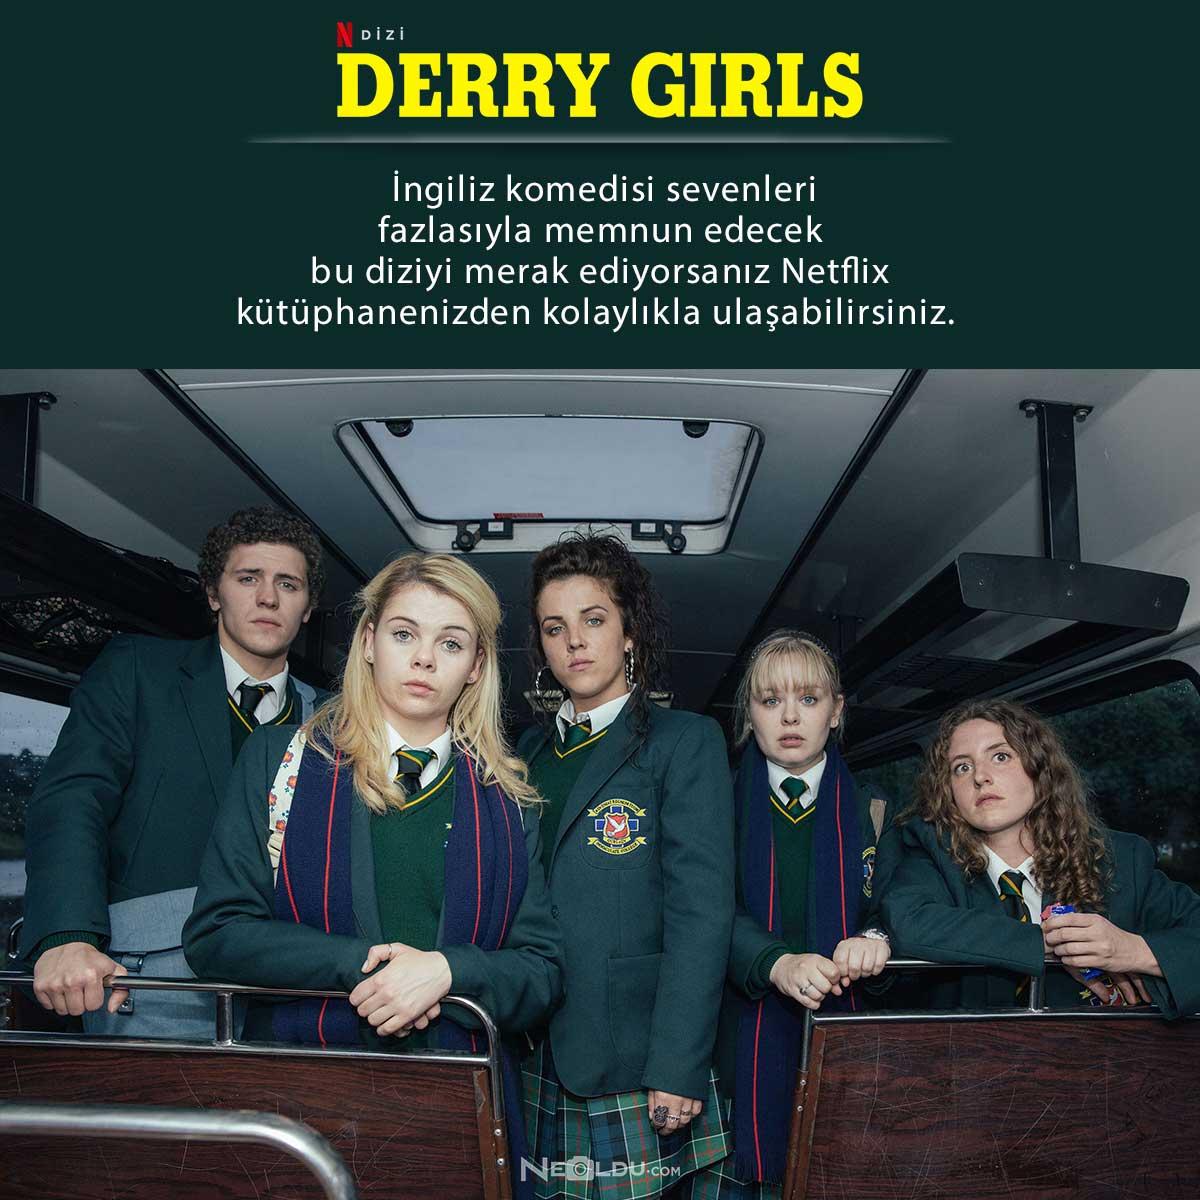 derry-girls-netflix.jpg